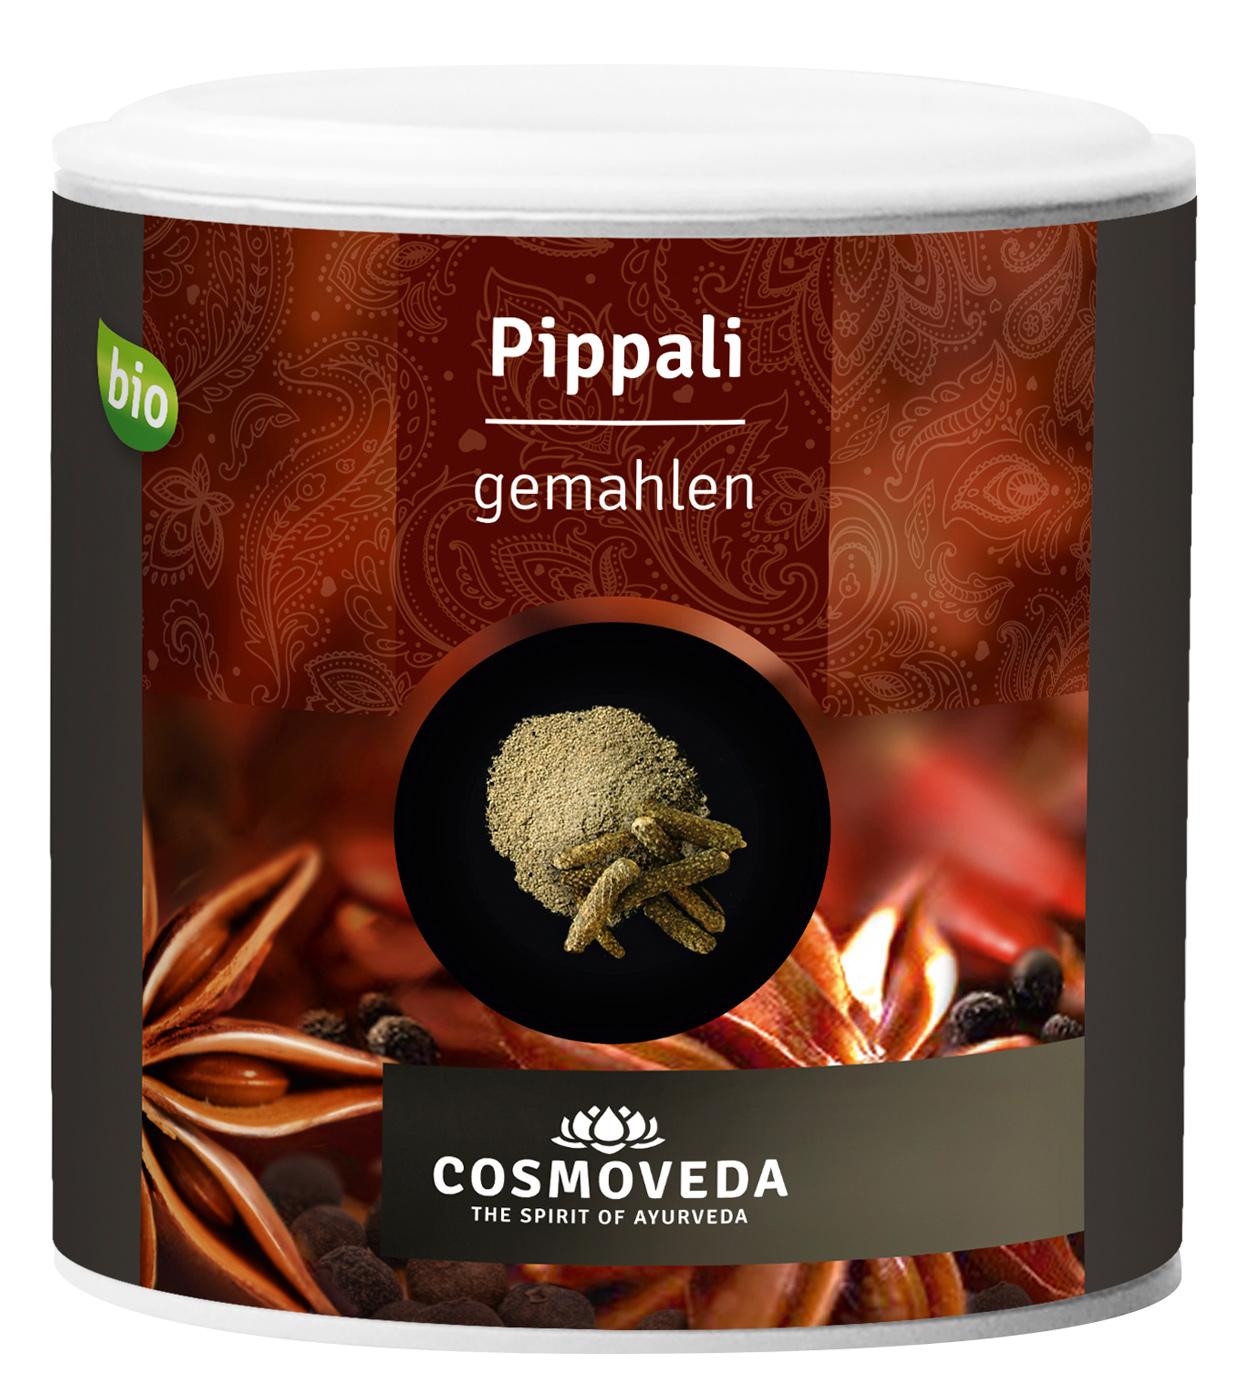 Bio Pippali (langer Pfeffer), gemahlen, 100 g